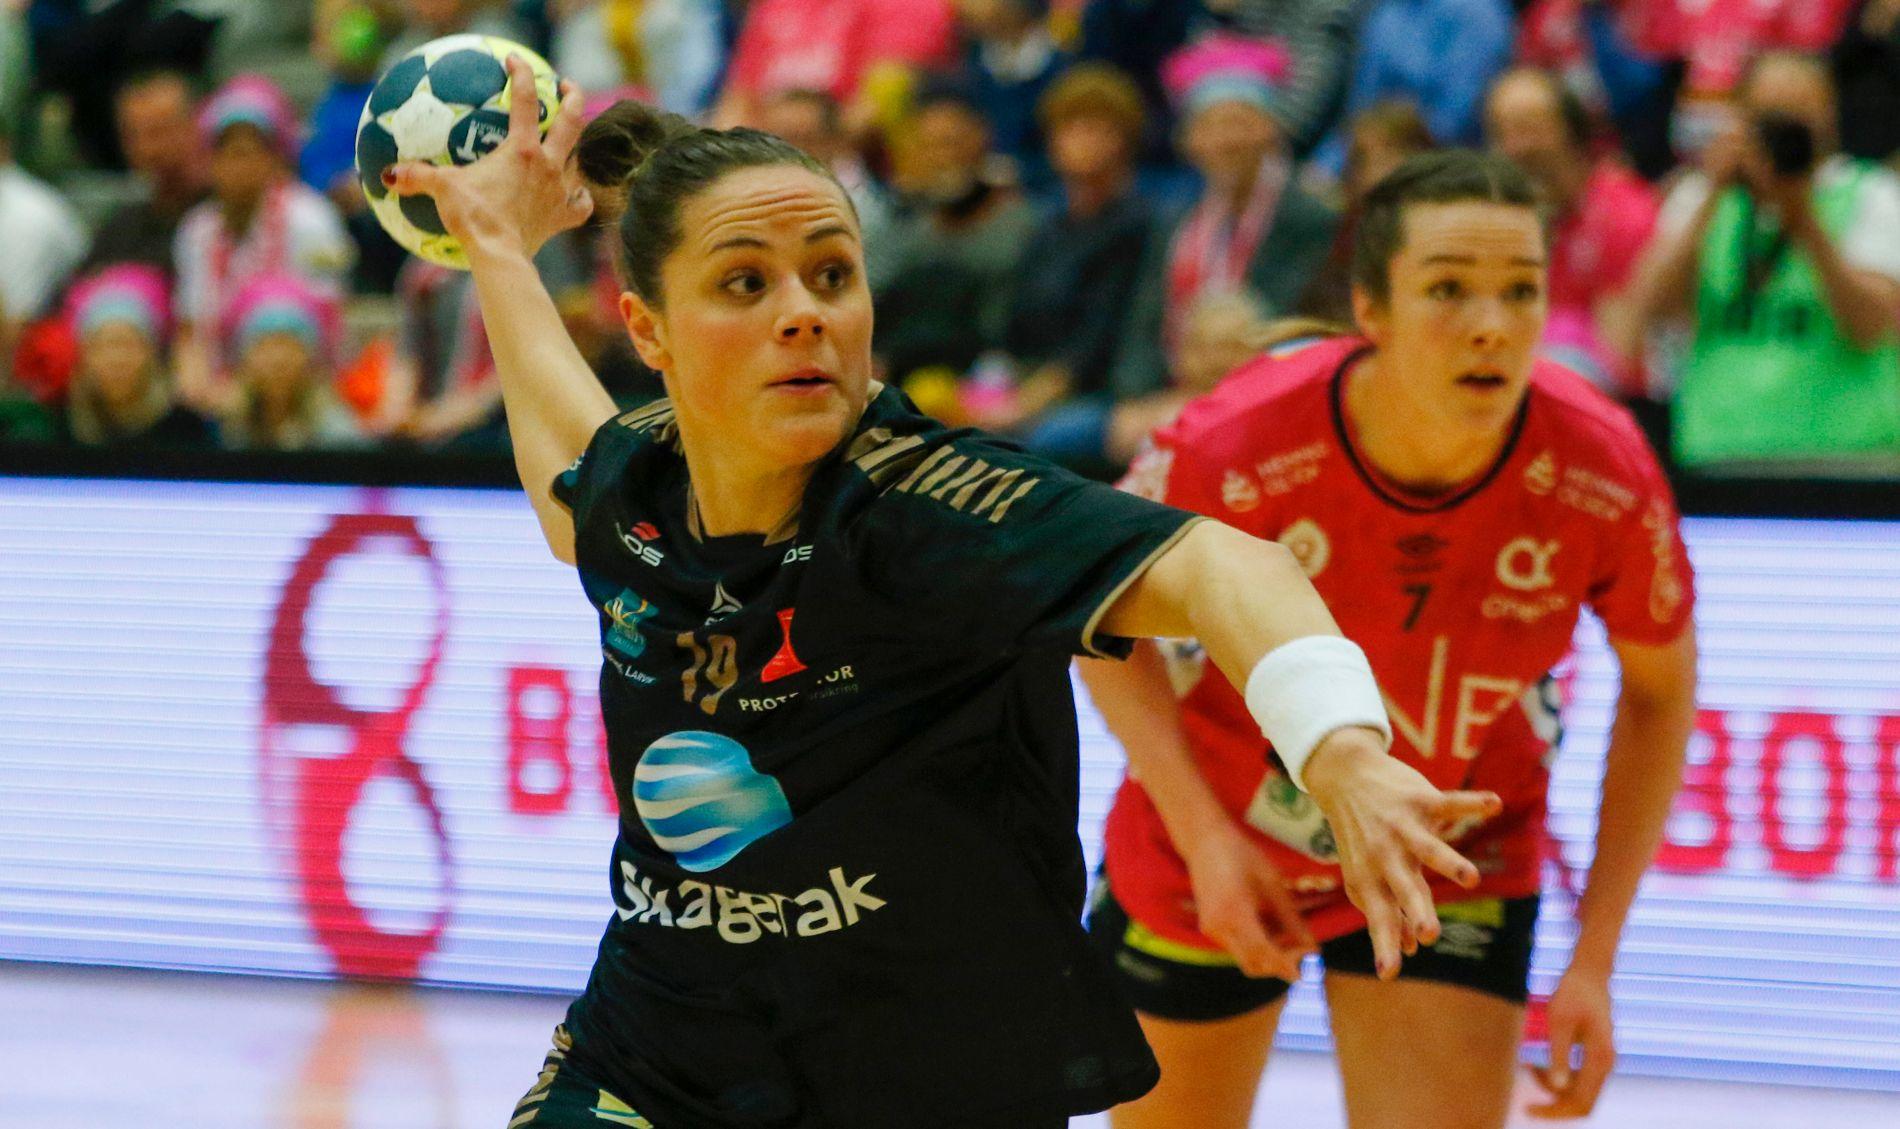 LØNN FOR STREVET: Thea Mørk og Larvik-jentene får fullføre sesongen. Alt tyder på at det blir sluttspillfinale mot Vipers og Kari Brattset (bak) senere i mai.